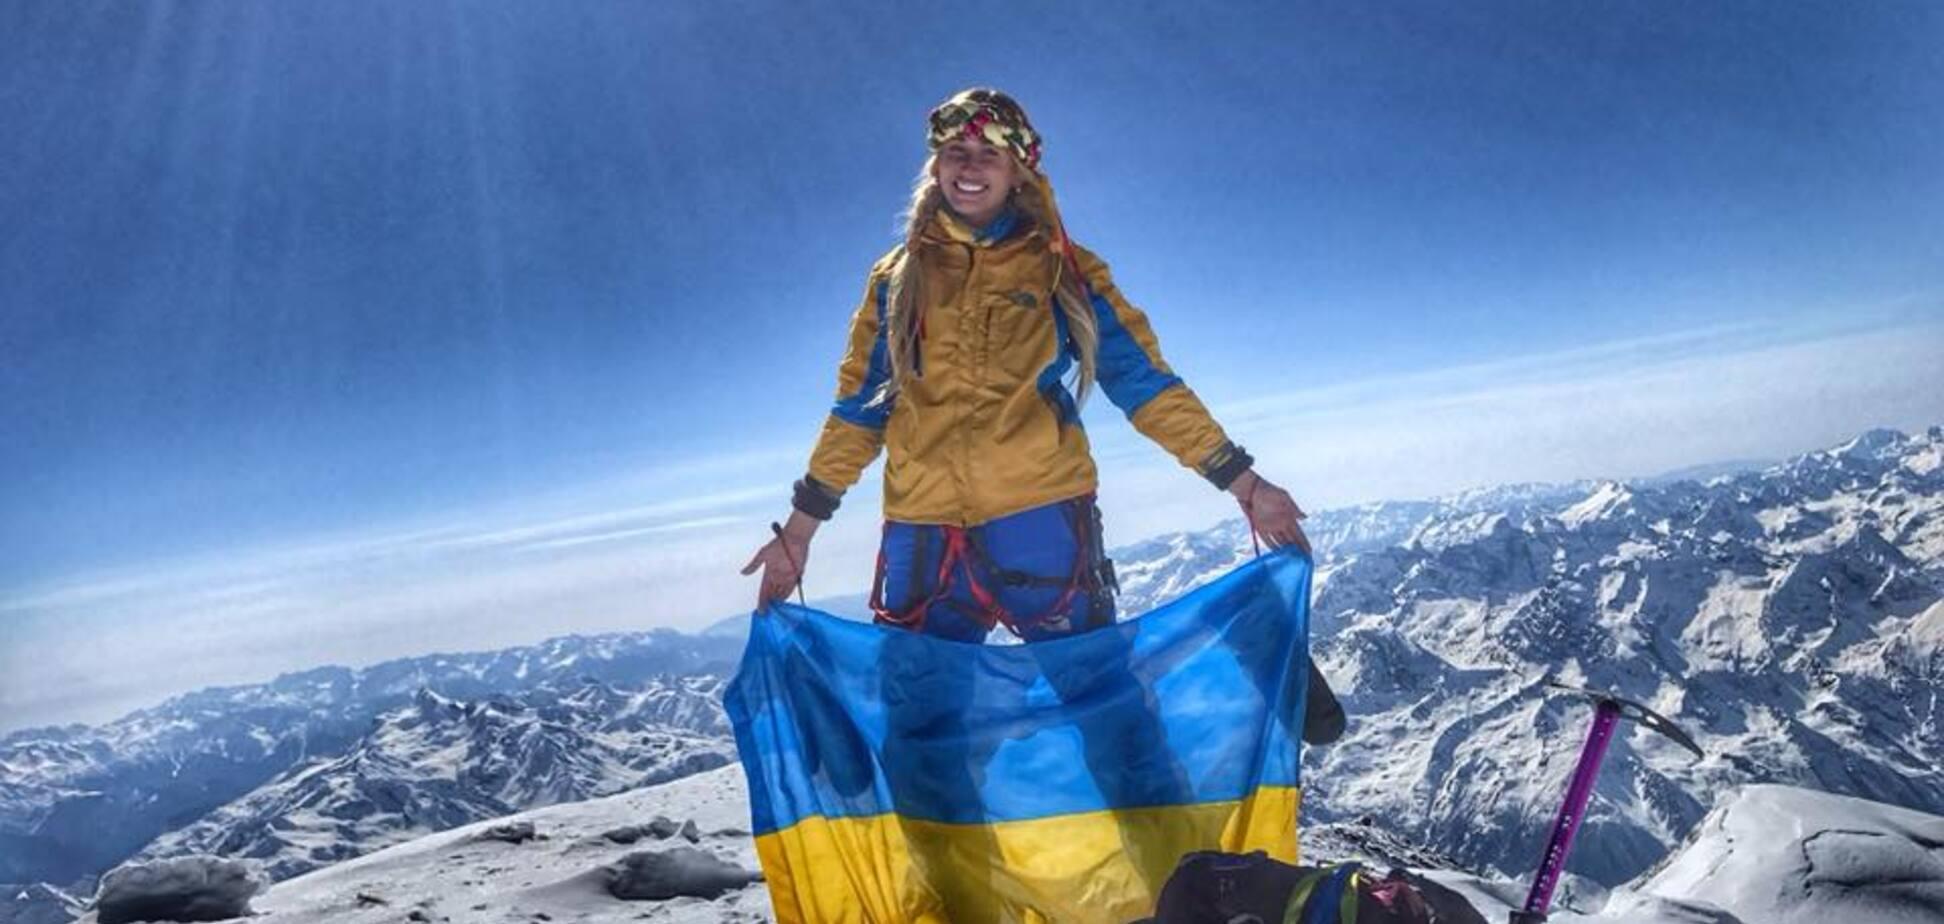 Ми бачимо лише 20% трупів, інші скидають в тріщини - перша українка на Евересті